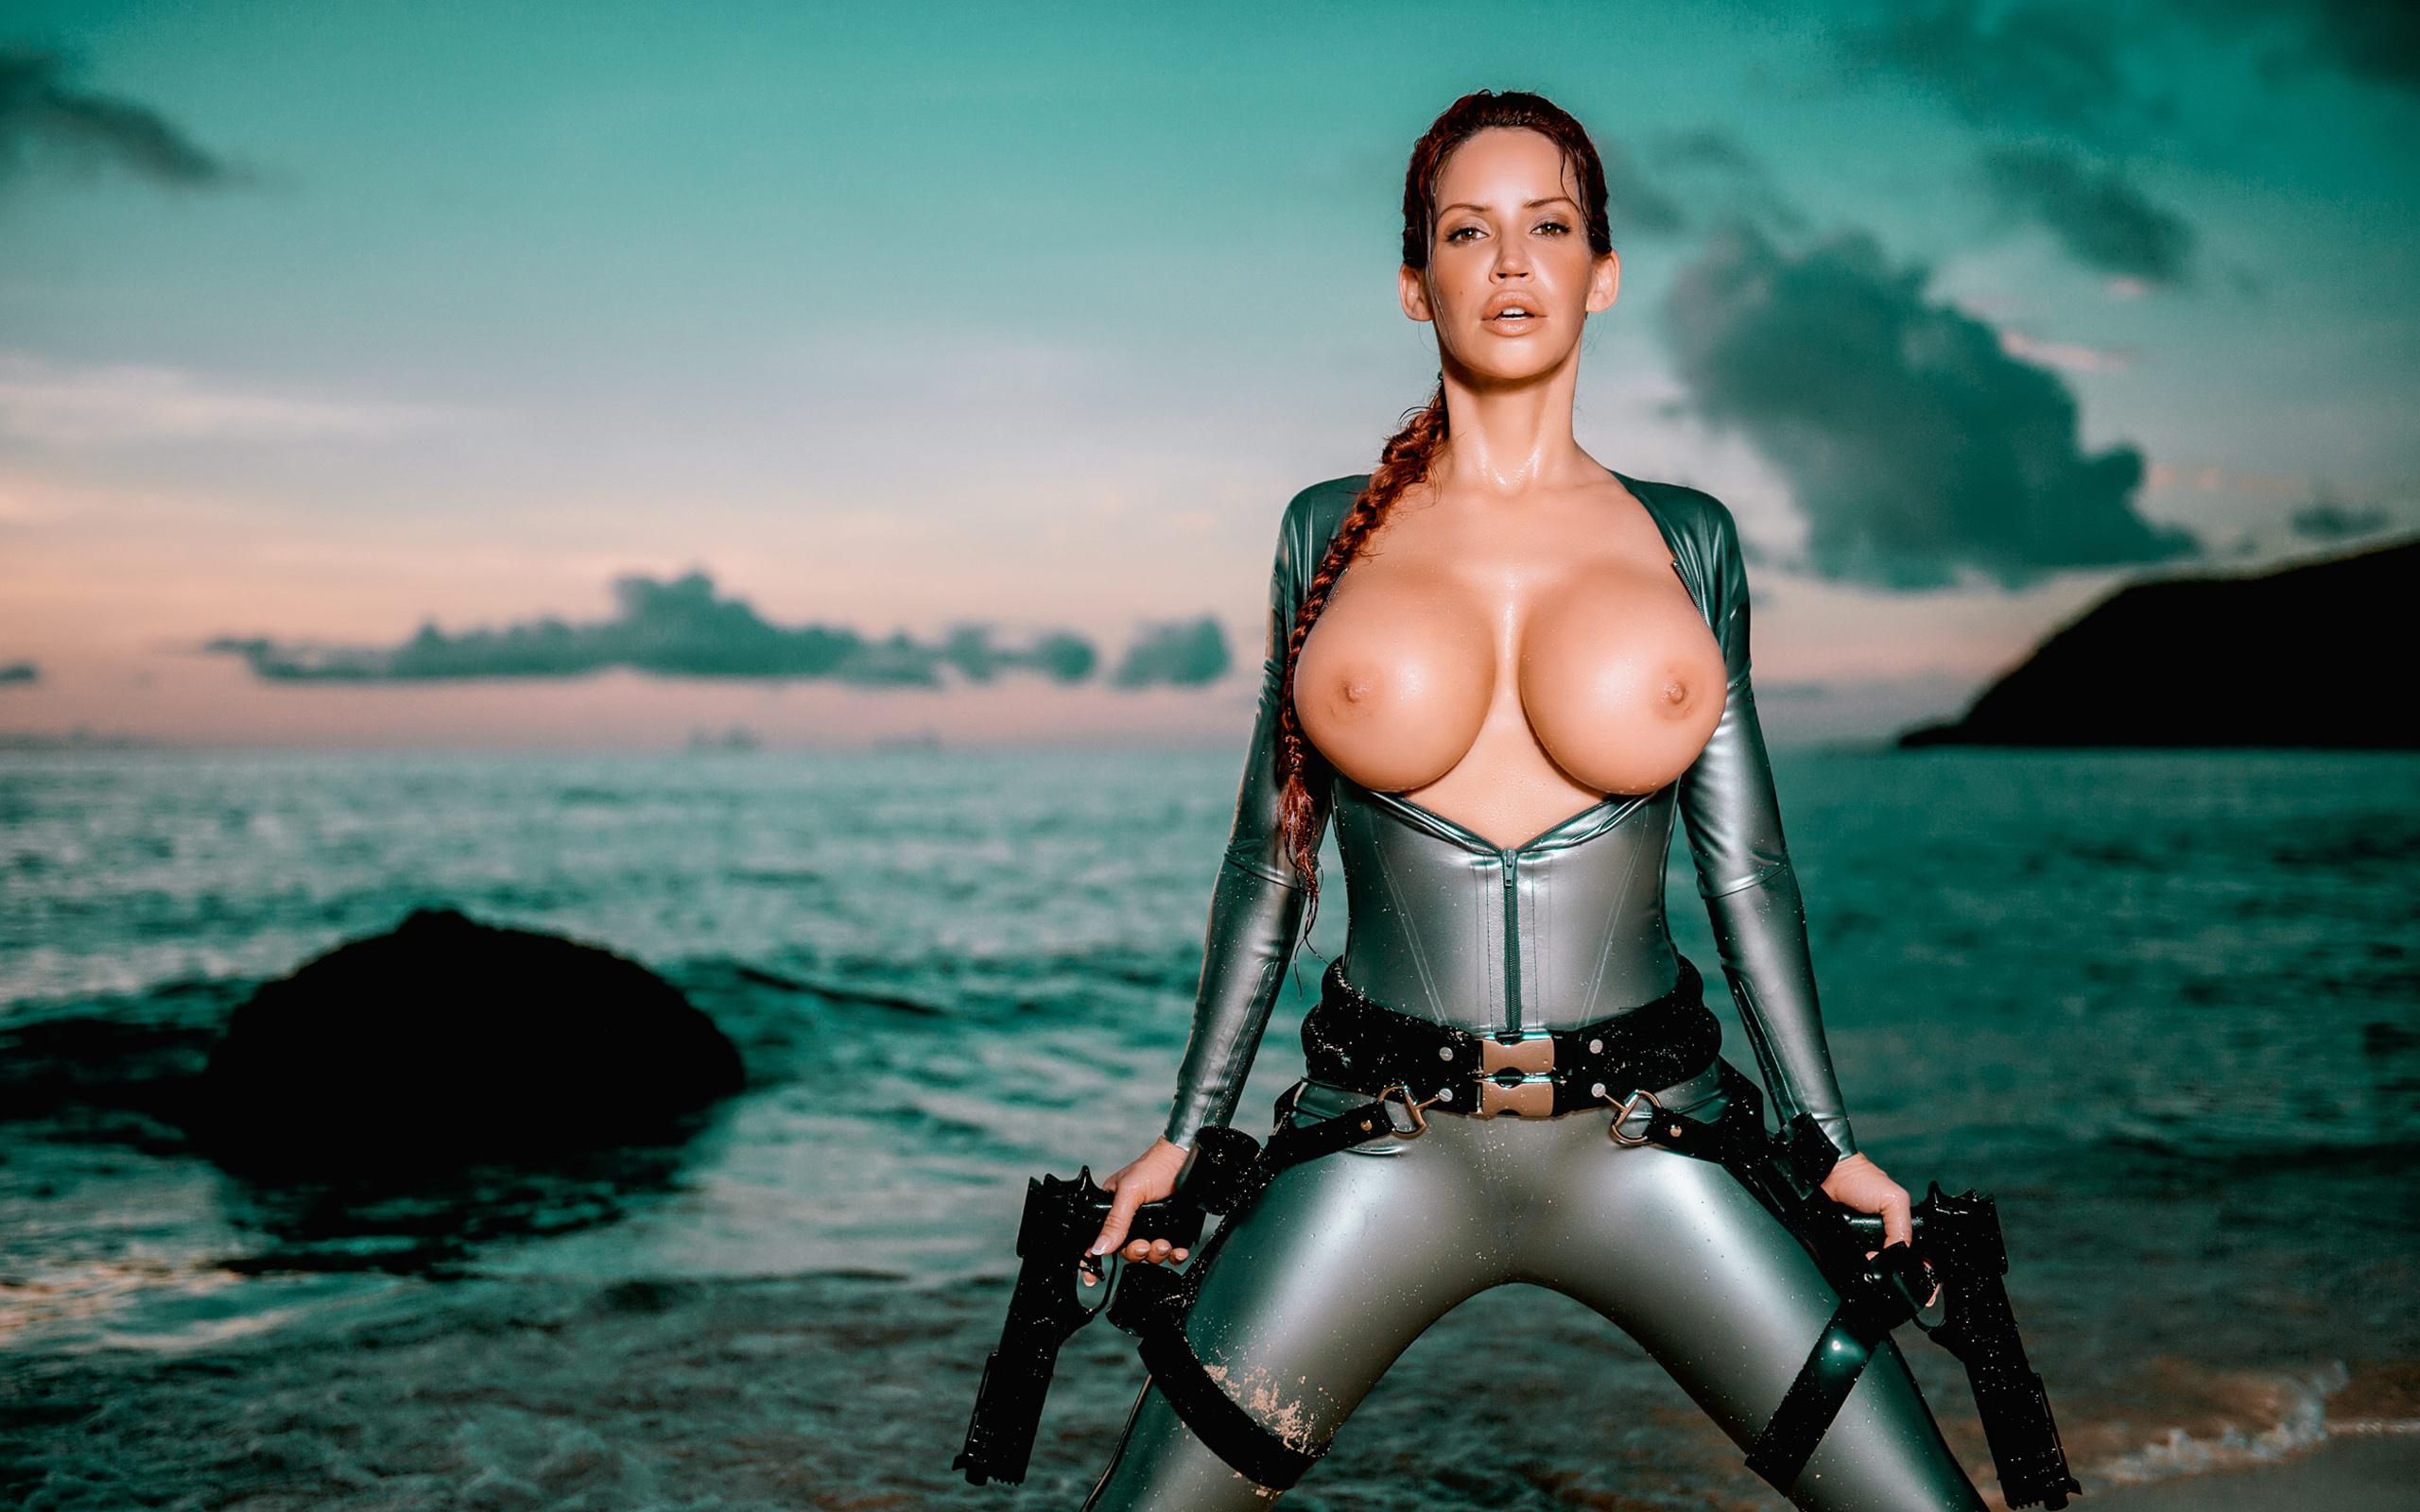 Raider nude girl pics nude movies